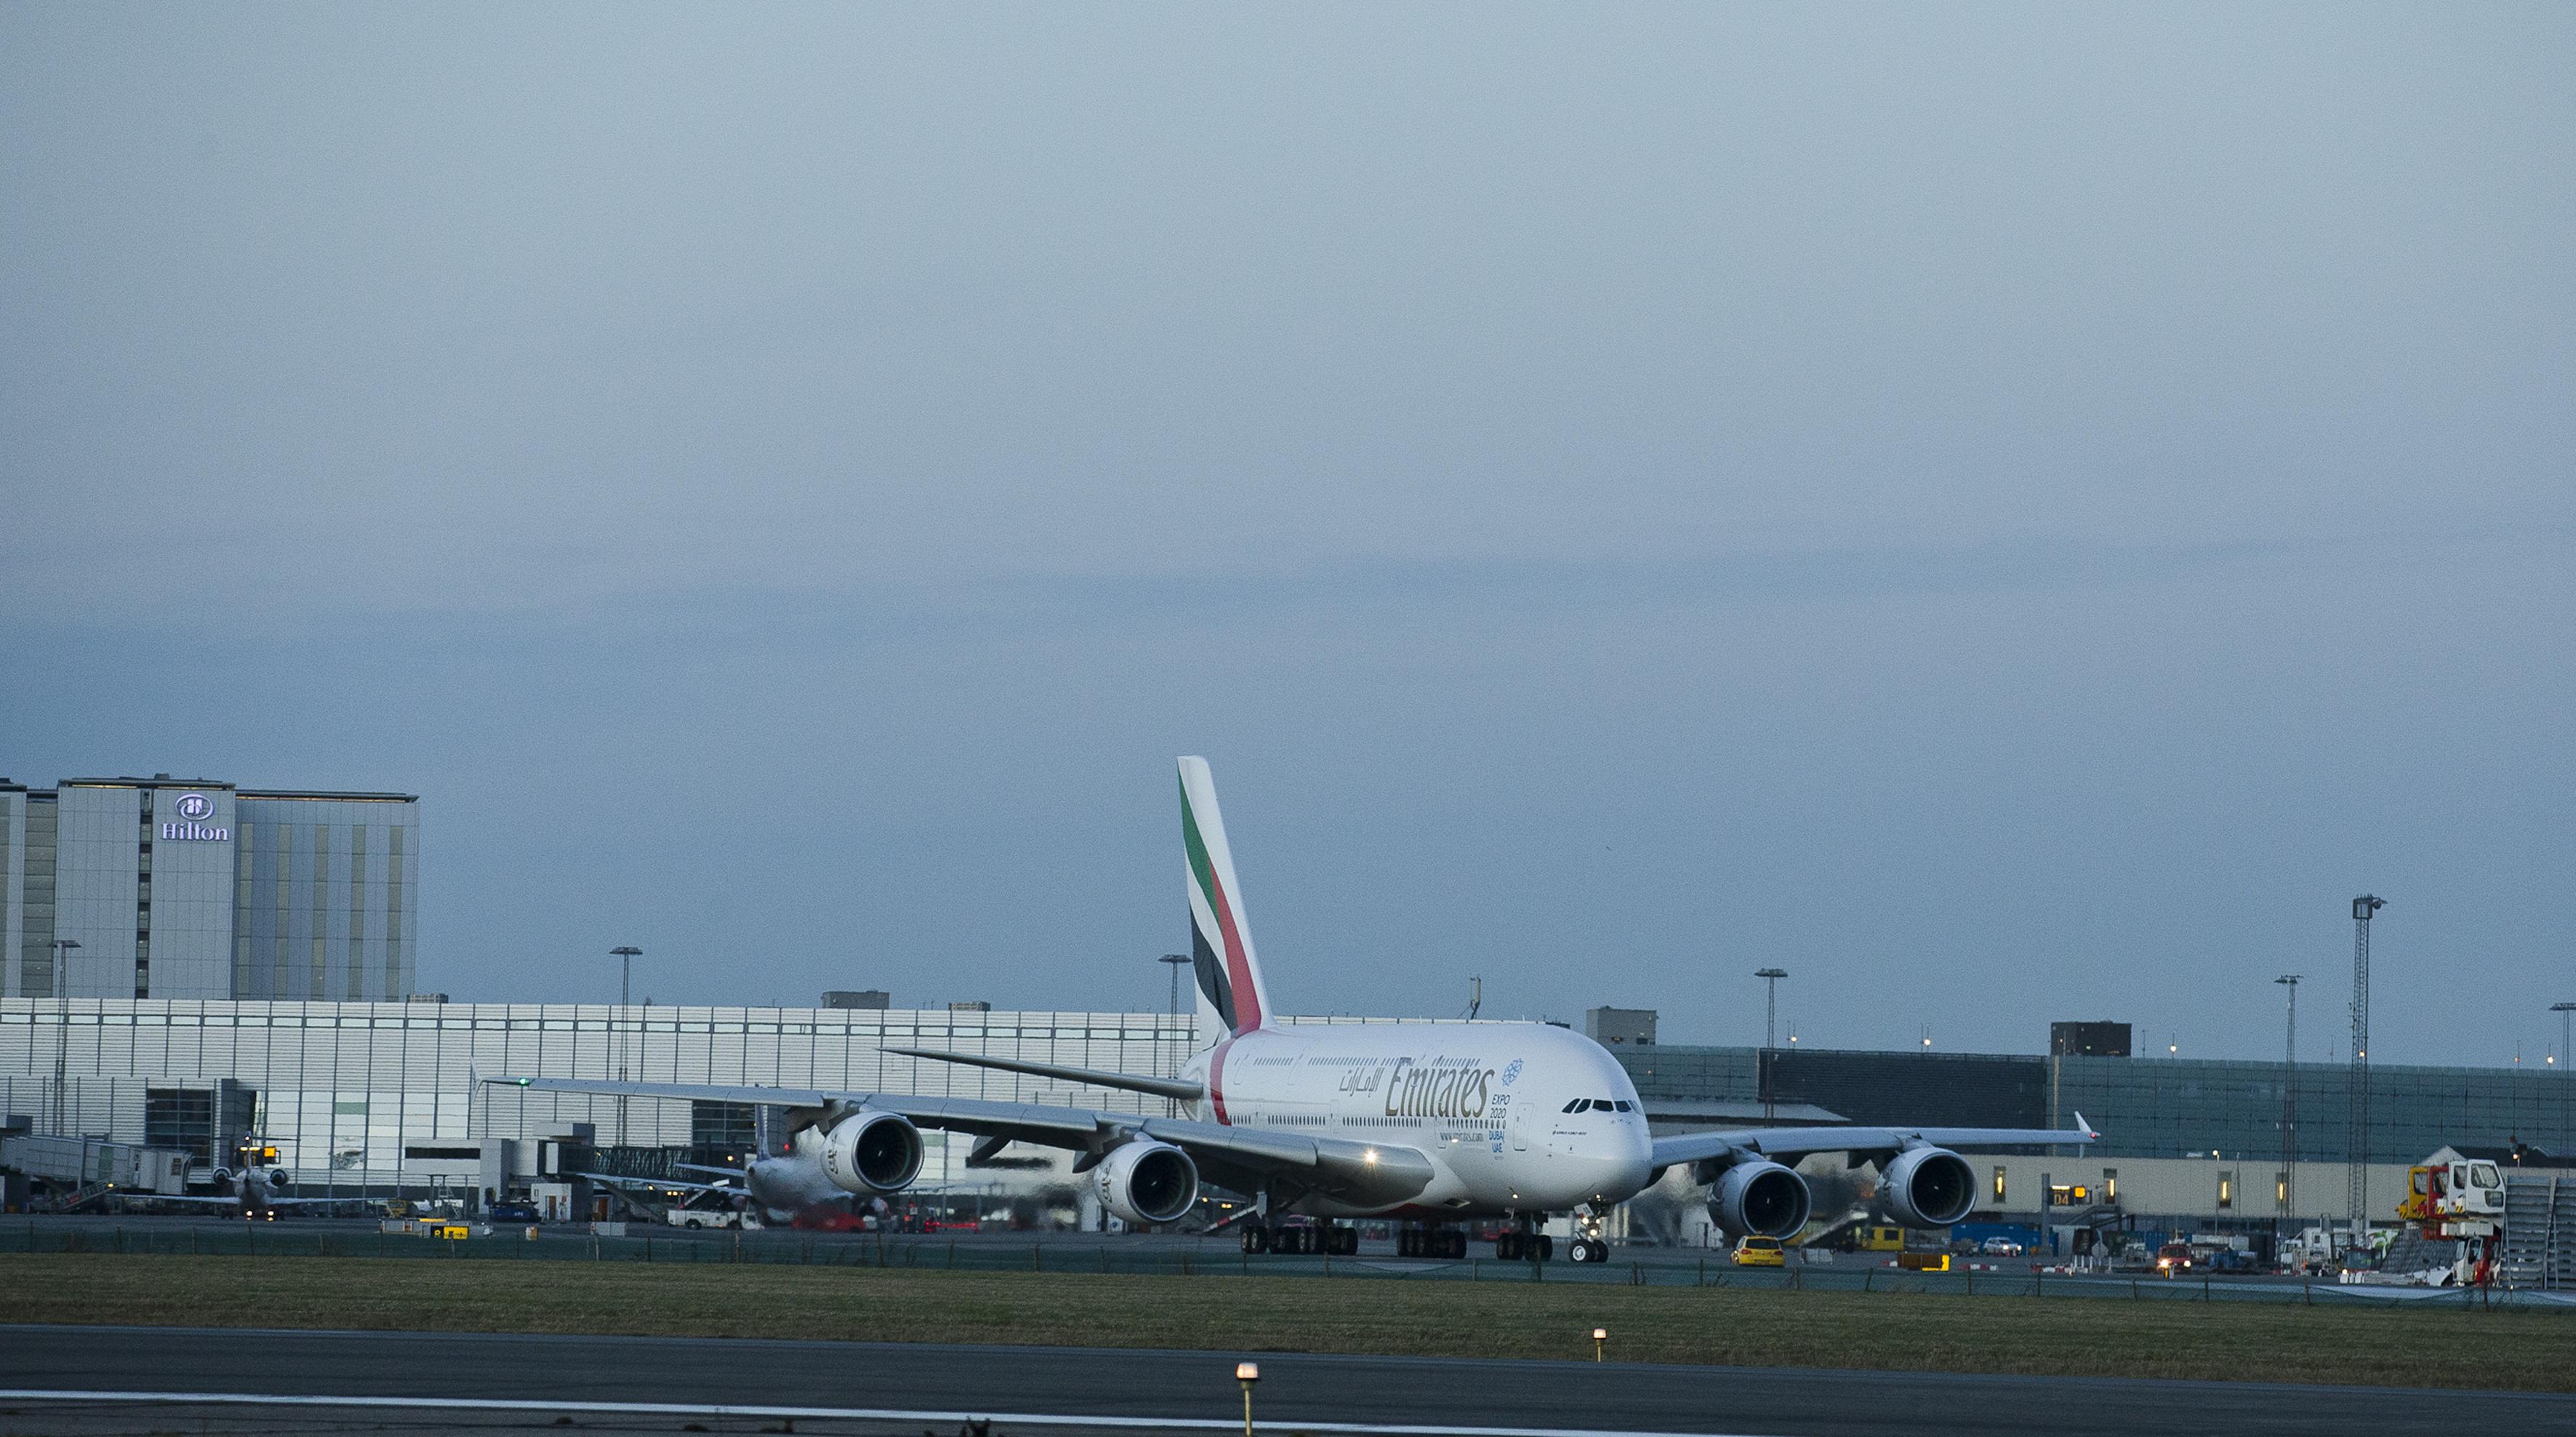 Københavns Lufthavn havde sidste år 29,2 millioner passagerer, der fløj til og fra lufthavnen, heraf var cirka 3,5 millioner på langruterne. Her arkivfoto fra Københavns Lufthavn med en Emirates A380'er.